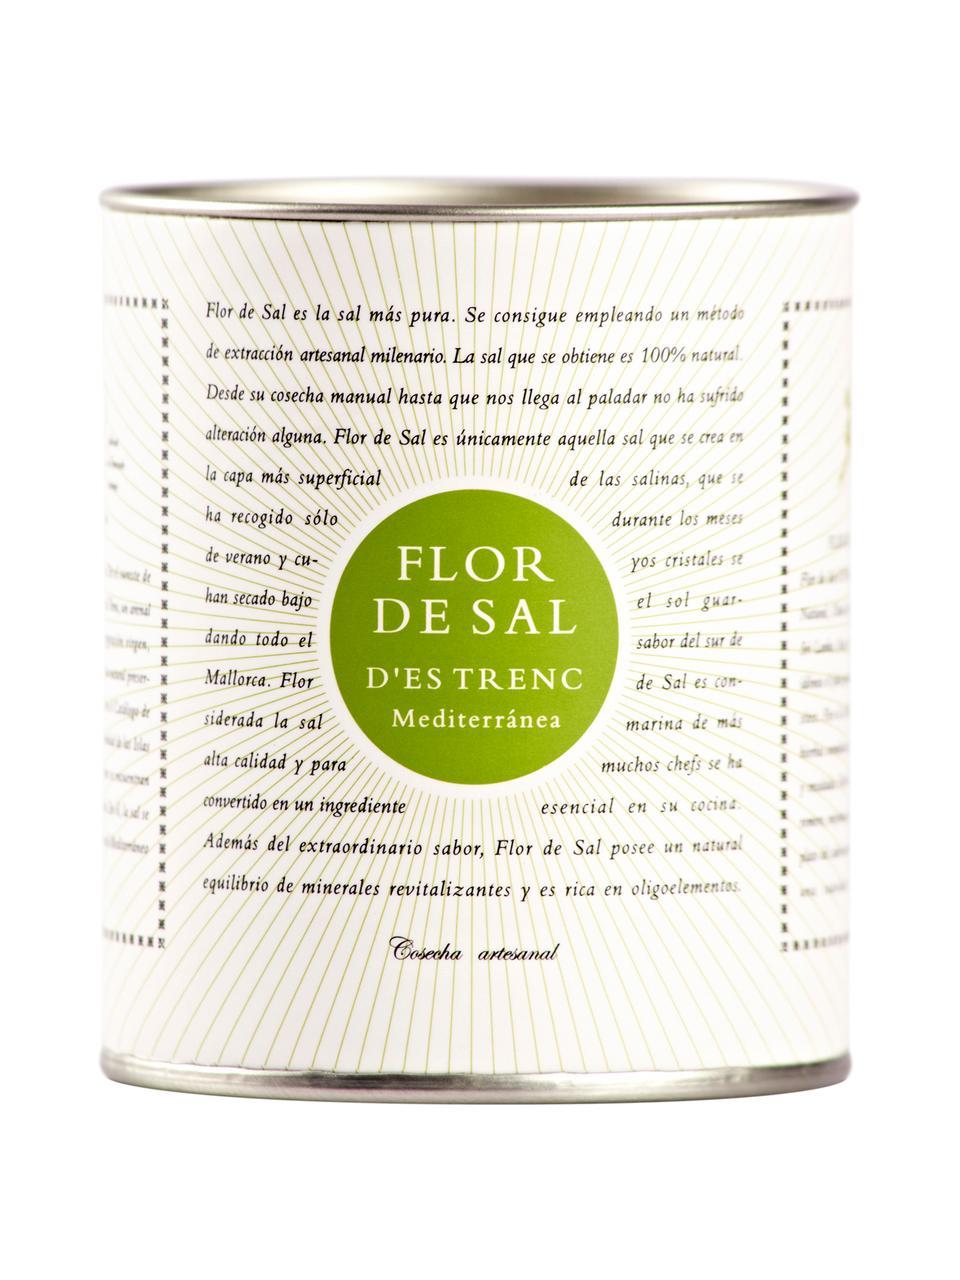 Gewürzsalz Flor de Sal d´Es Trenc (Mediterrane Kräuter), Dose: Pappmembran, Metall, Creme, Goldfarben, Grün, 150 g